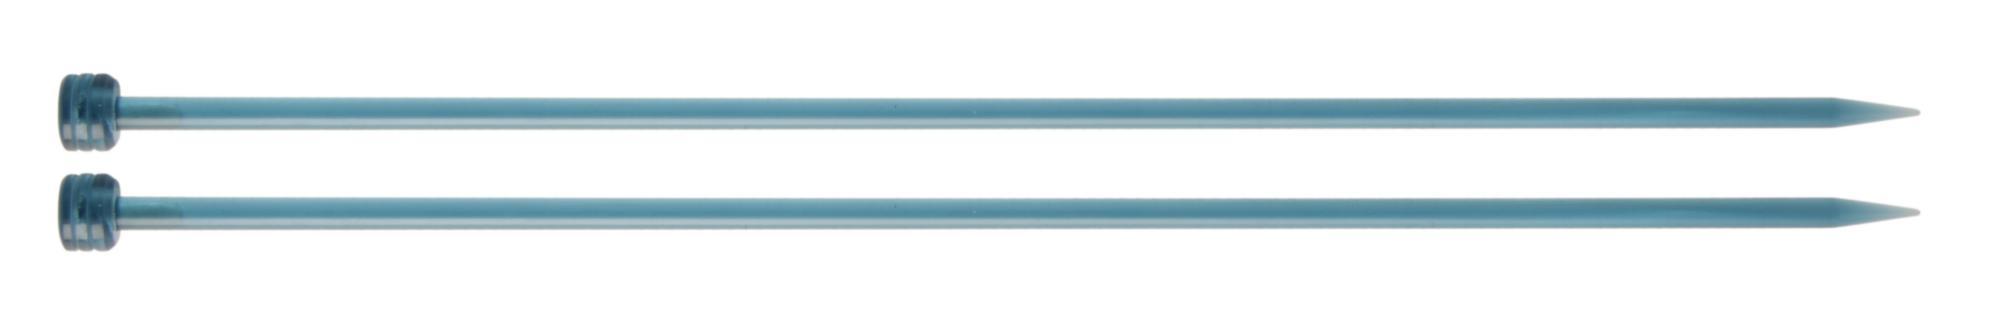 Спицы прямые 35 см Trendz KnitPro, 51212, 5.50 мм